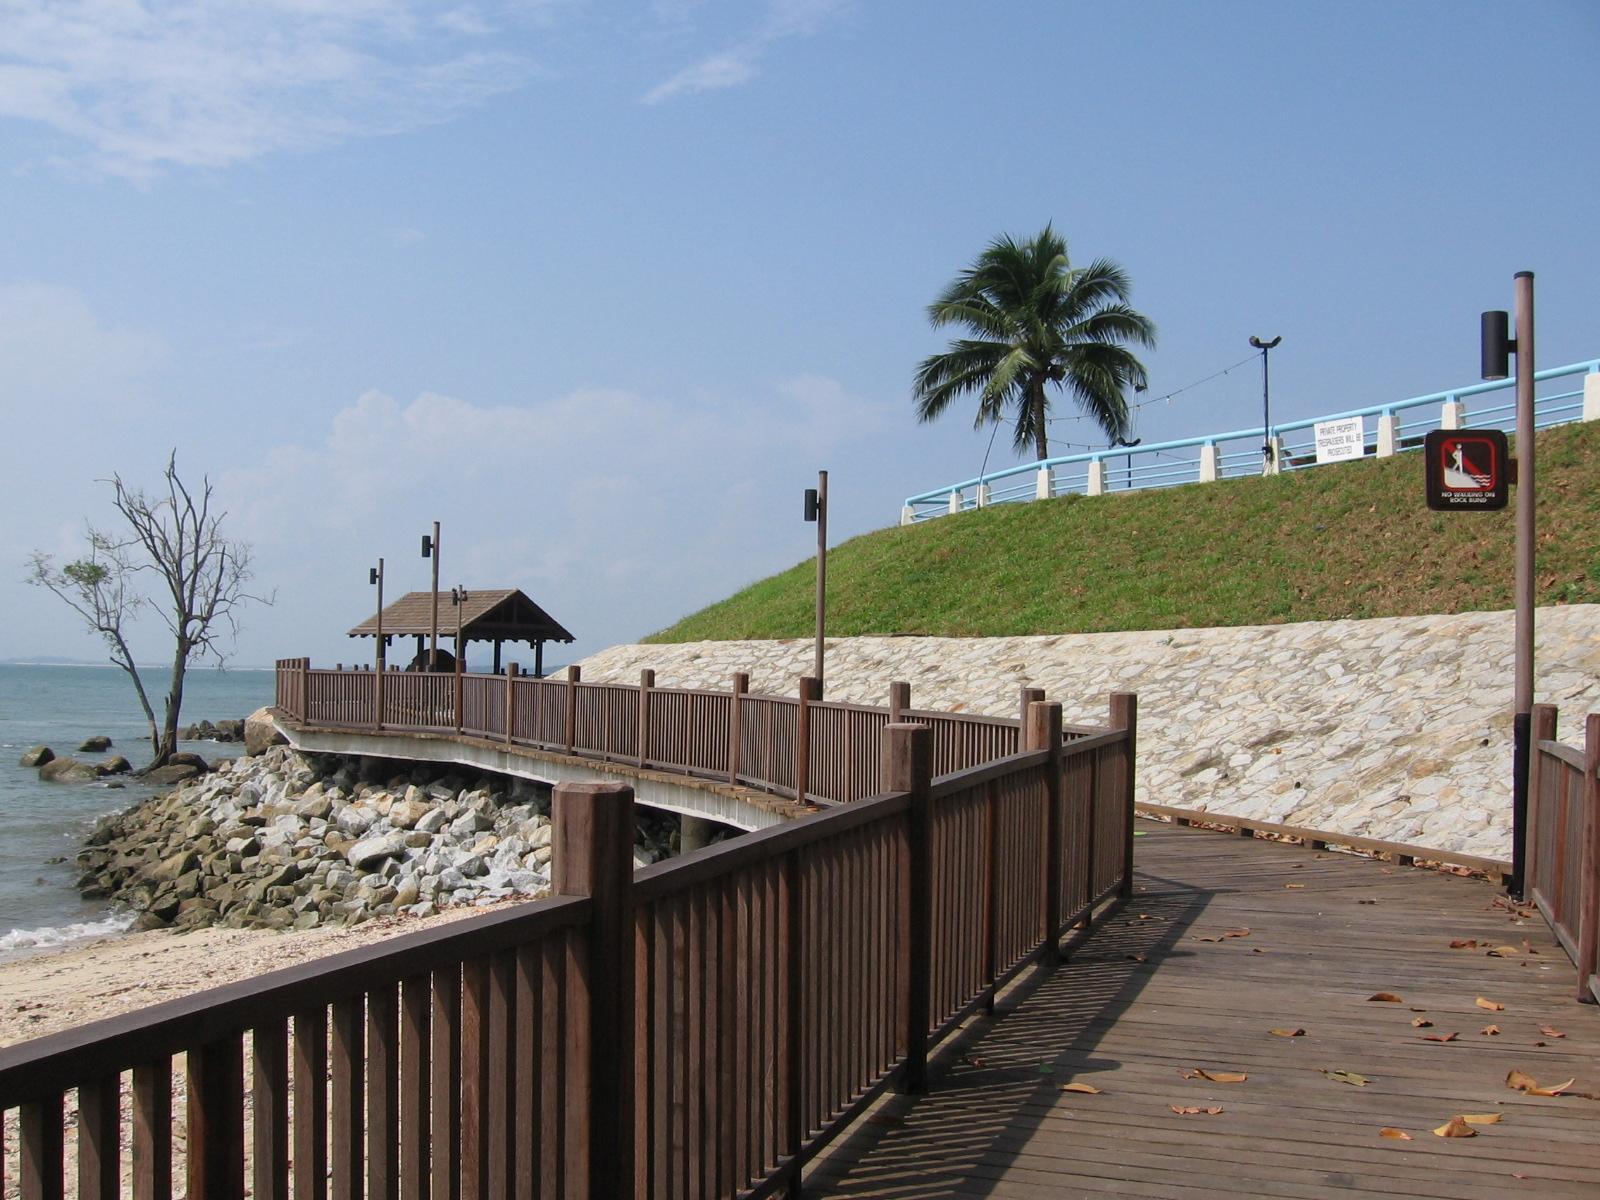 Point coastal